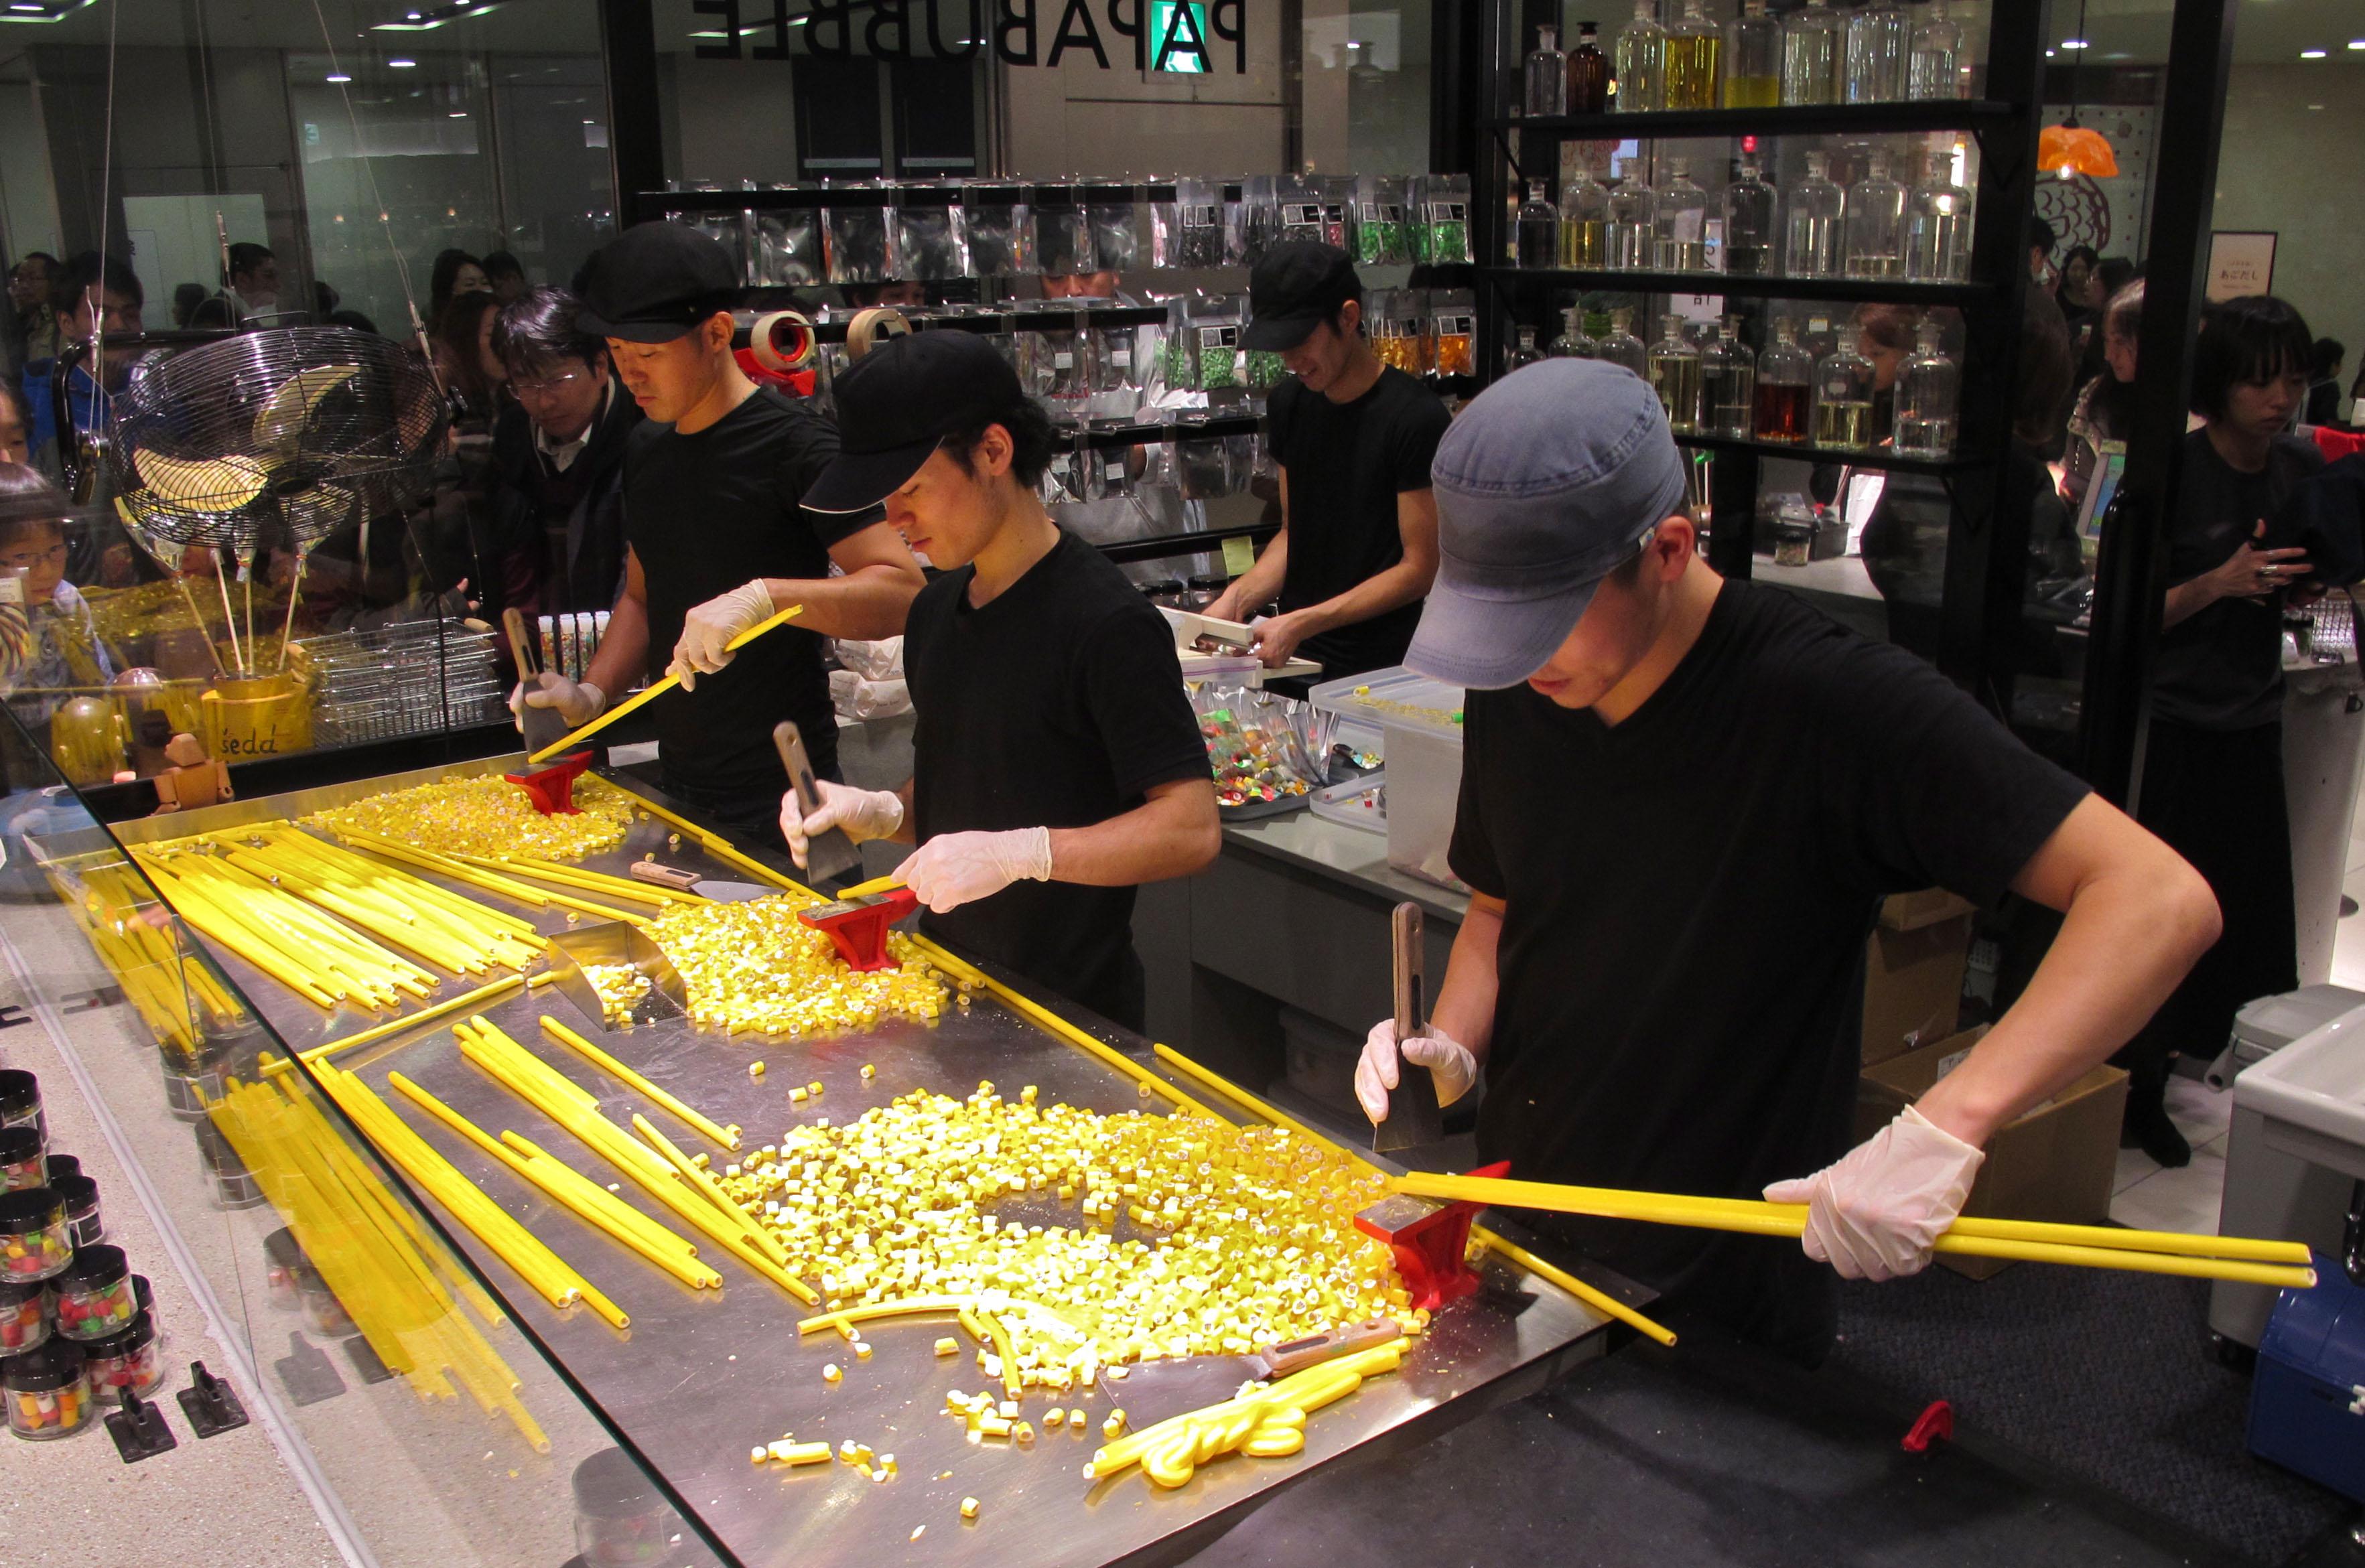 不止是糖果,更是一種美學—西班牙手工藝術糖果 Papabubble 4